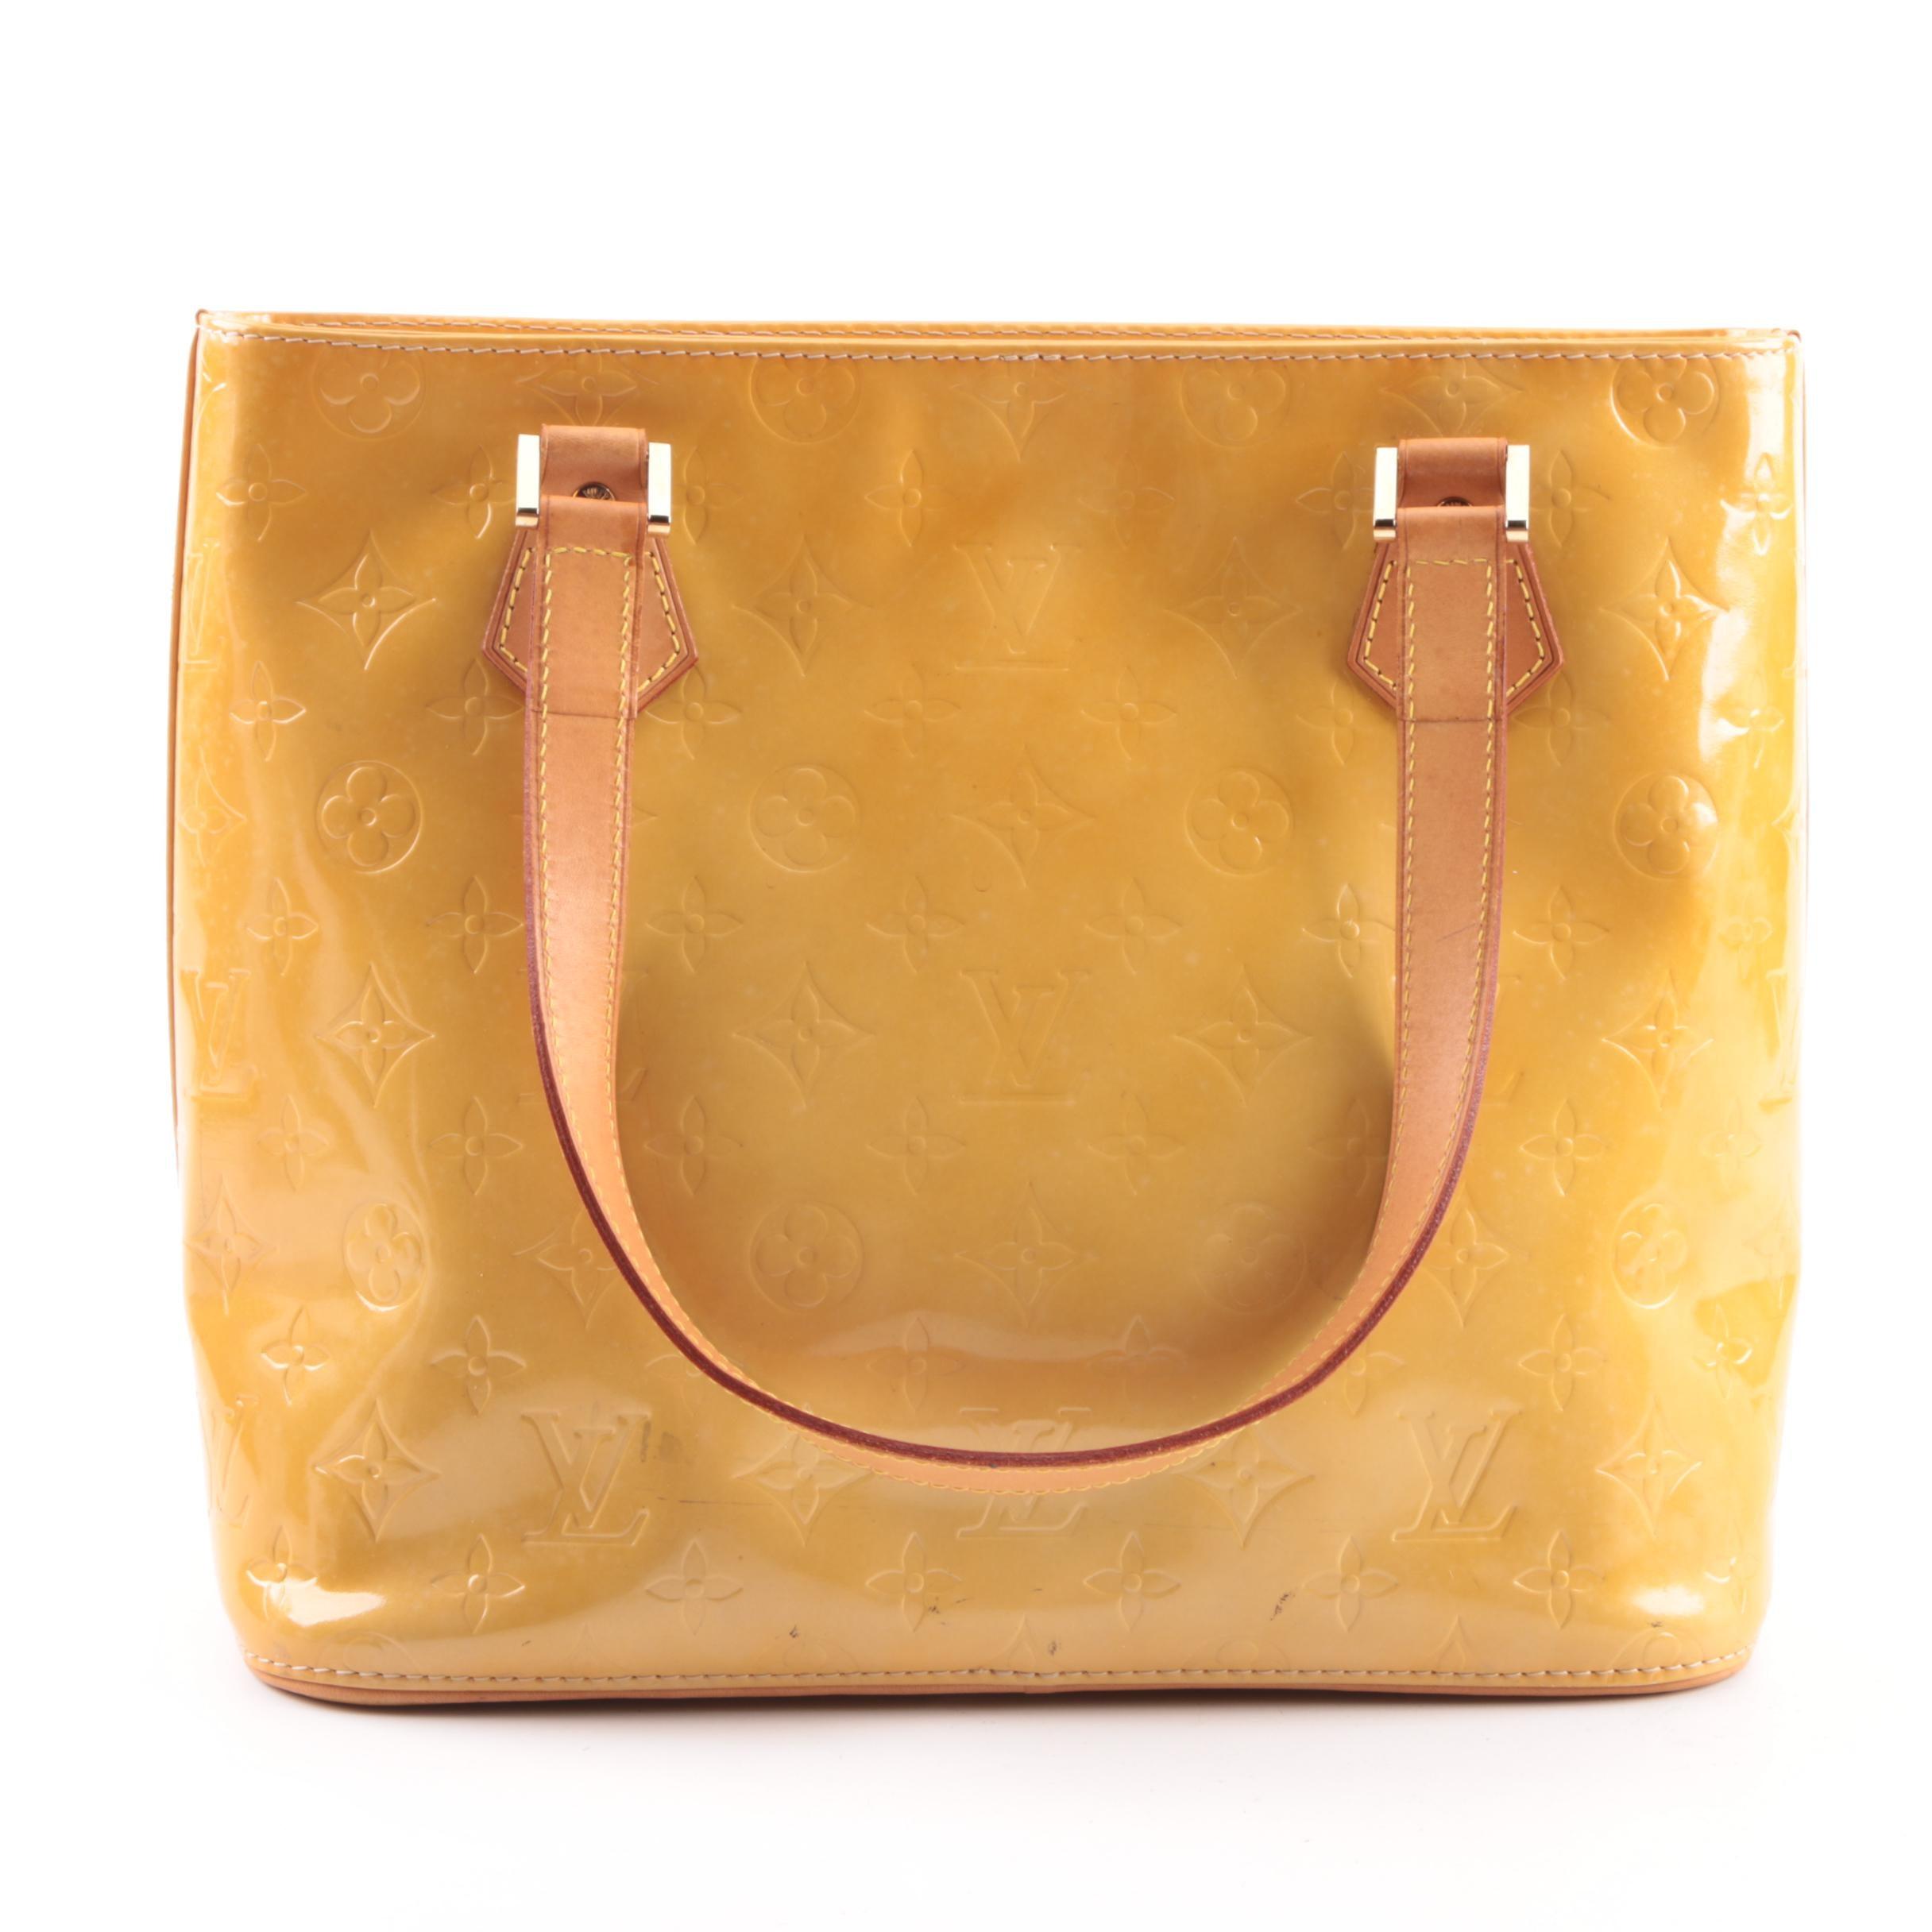 Louis Vuitton Mango Vernis Leather Houston Tote